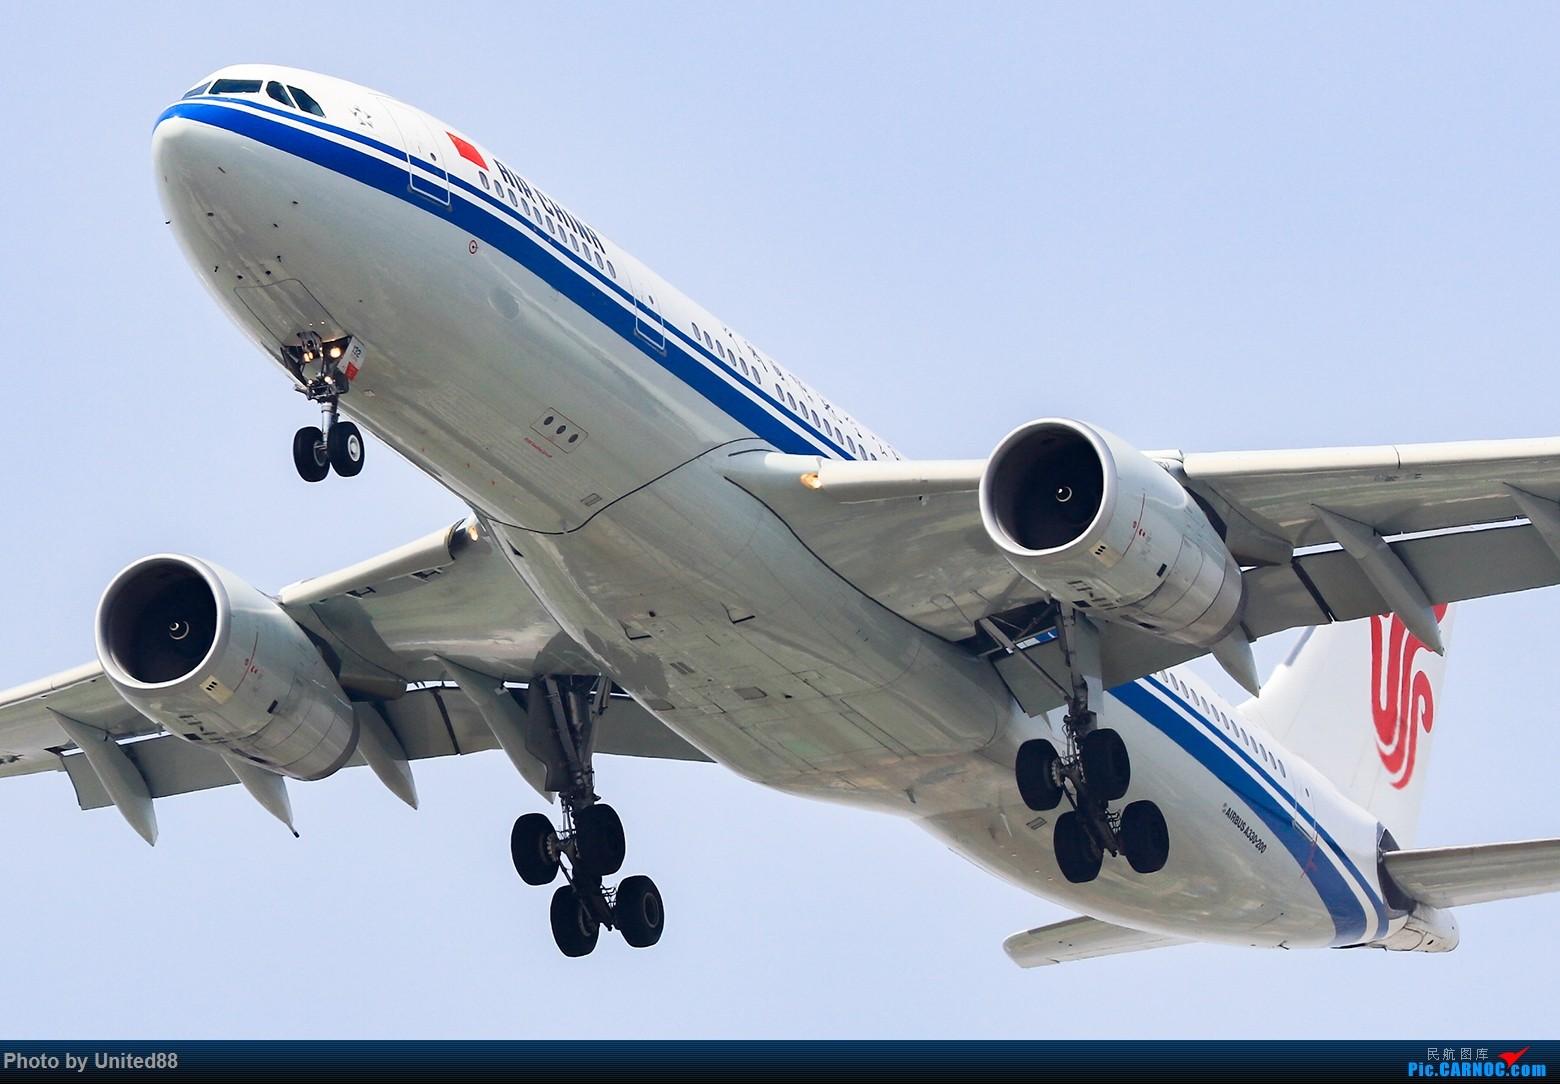 Re:[原创]ZBAA RWY1-9 洛杉矶视角 AIRBUS A330-200 B-6132 中国北京首都国际机场